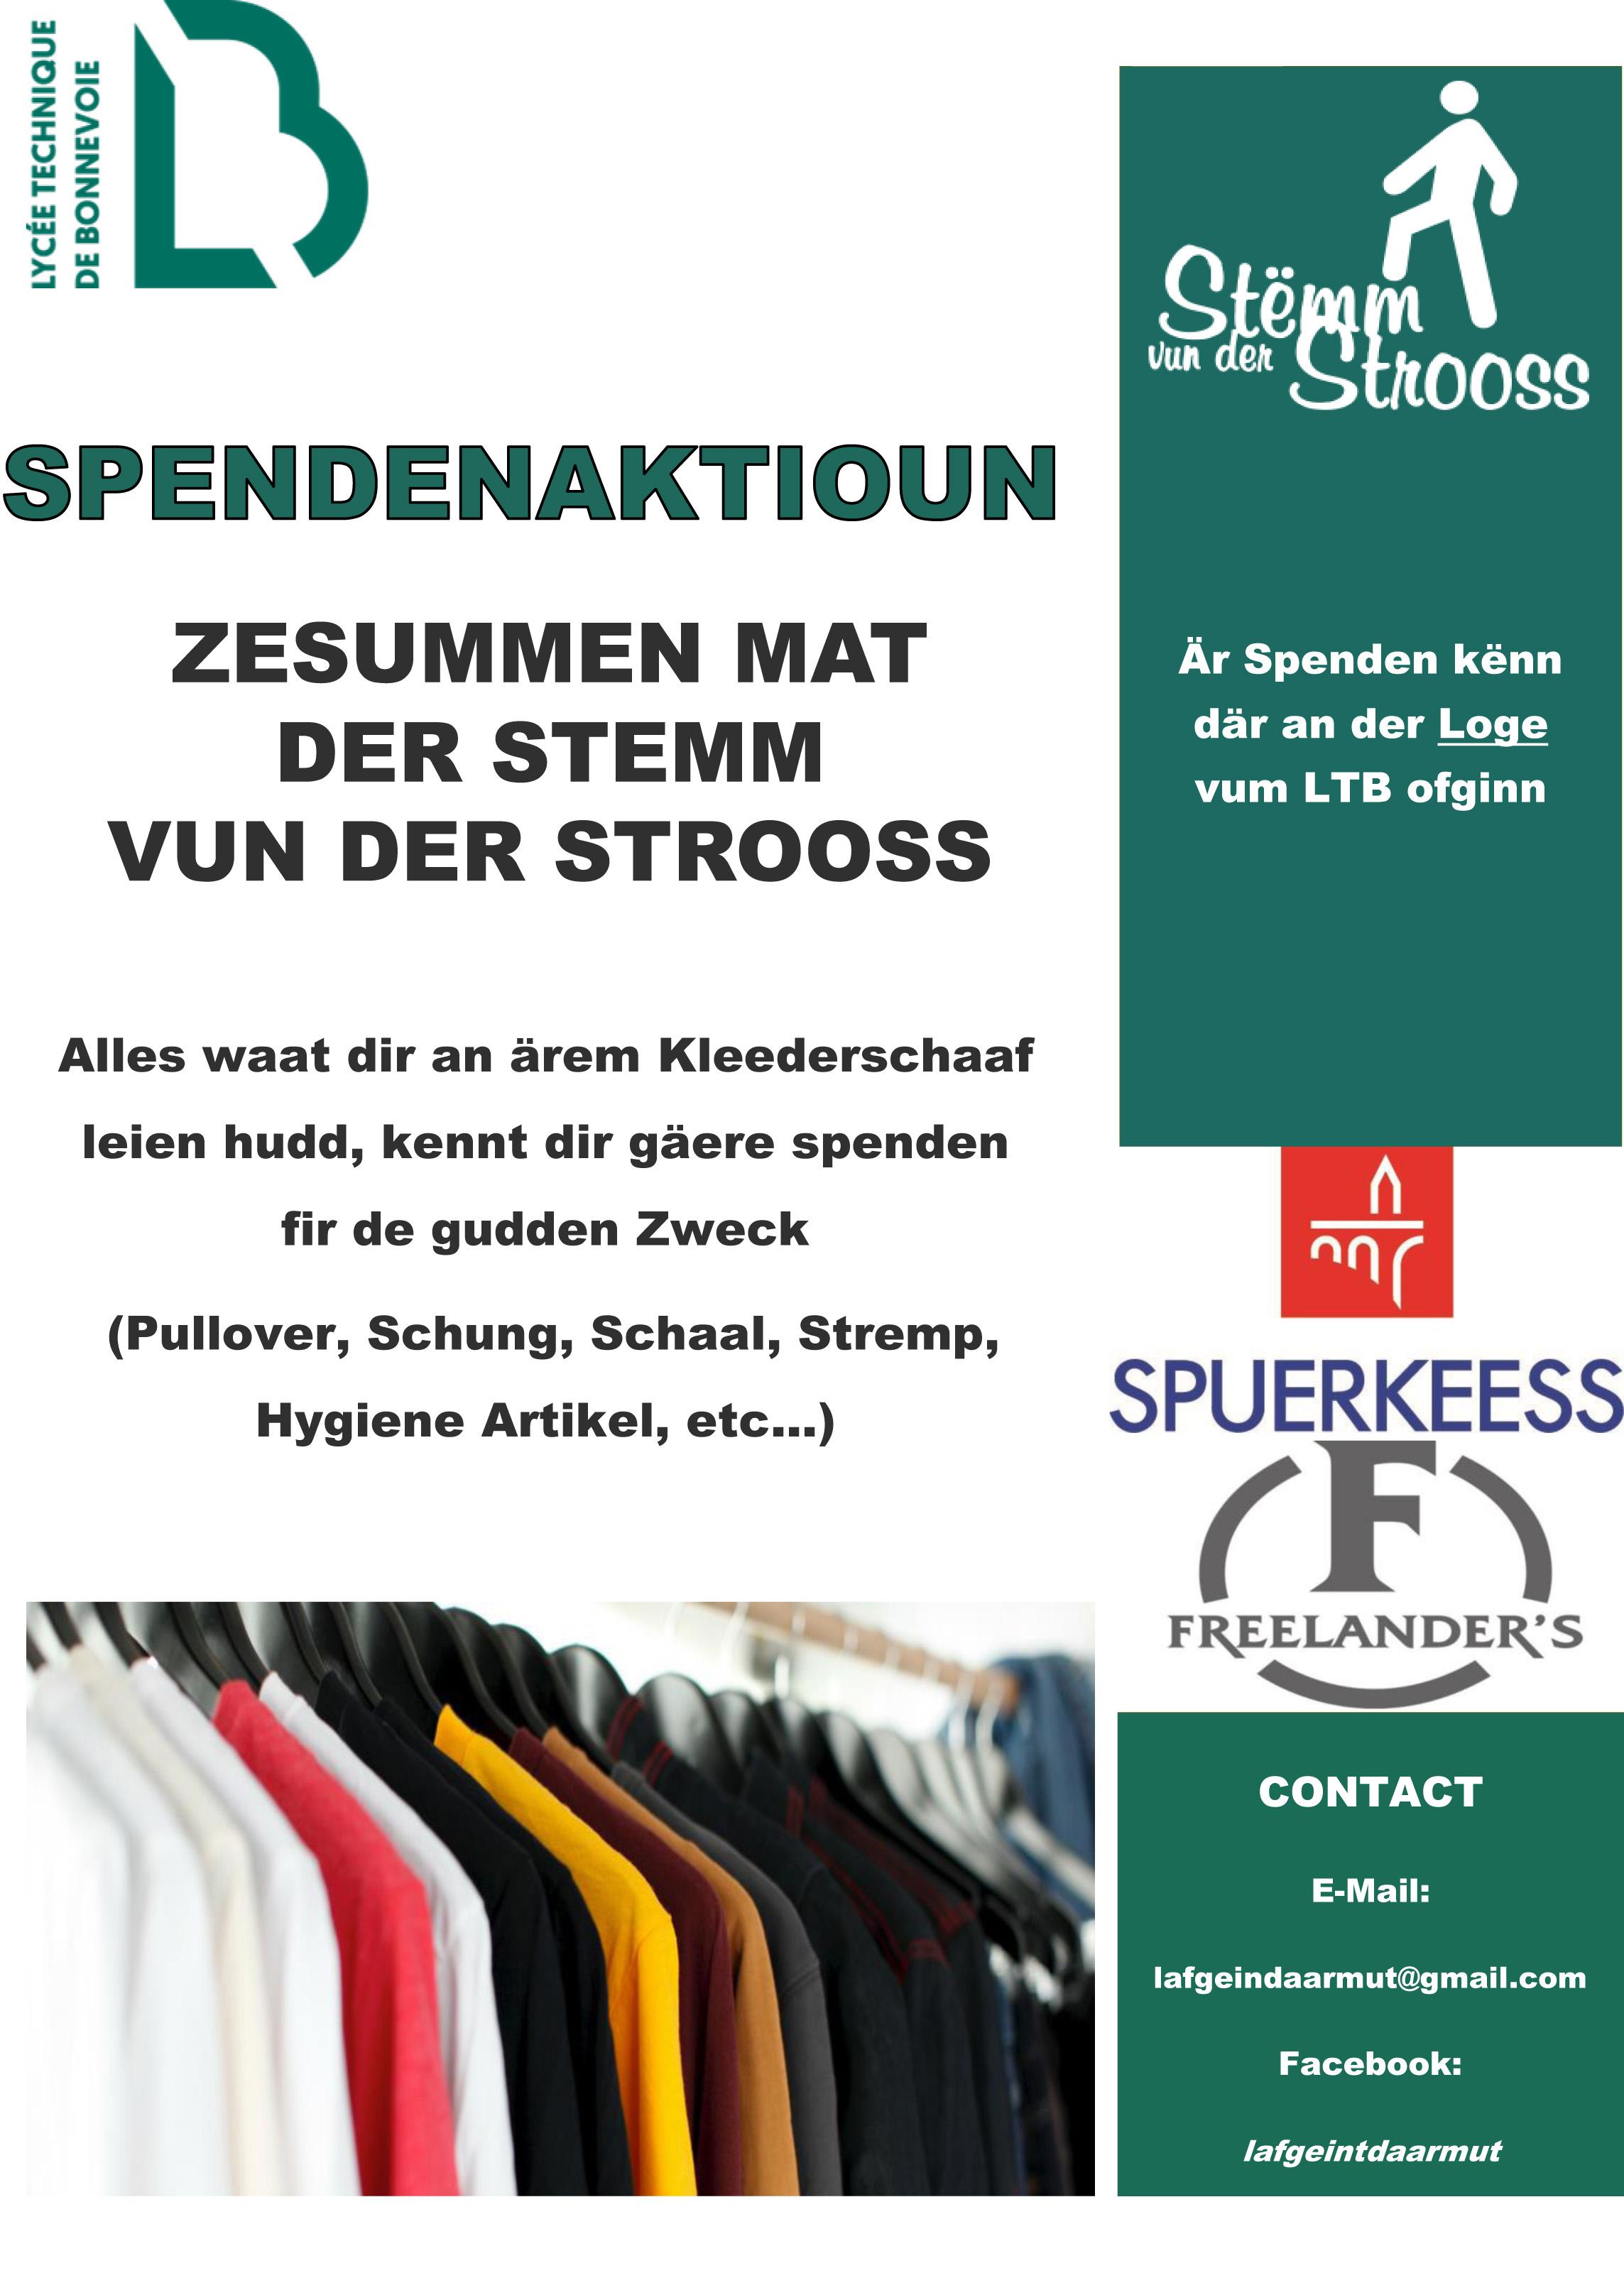 The high school LTB supports the Stëmm vun der Strooss